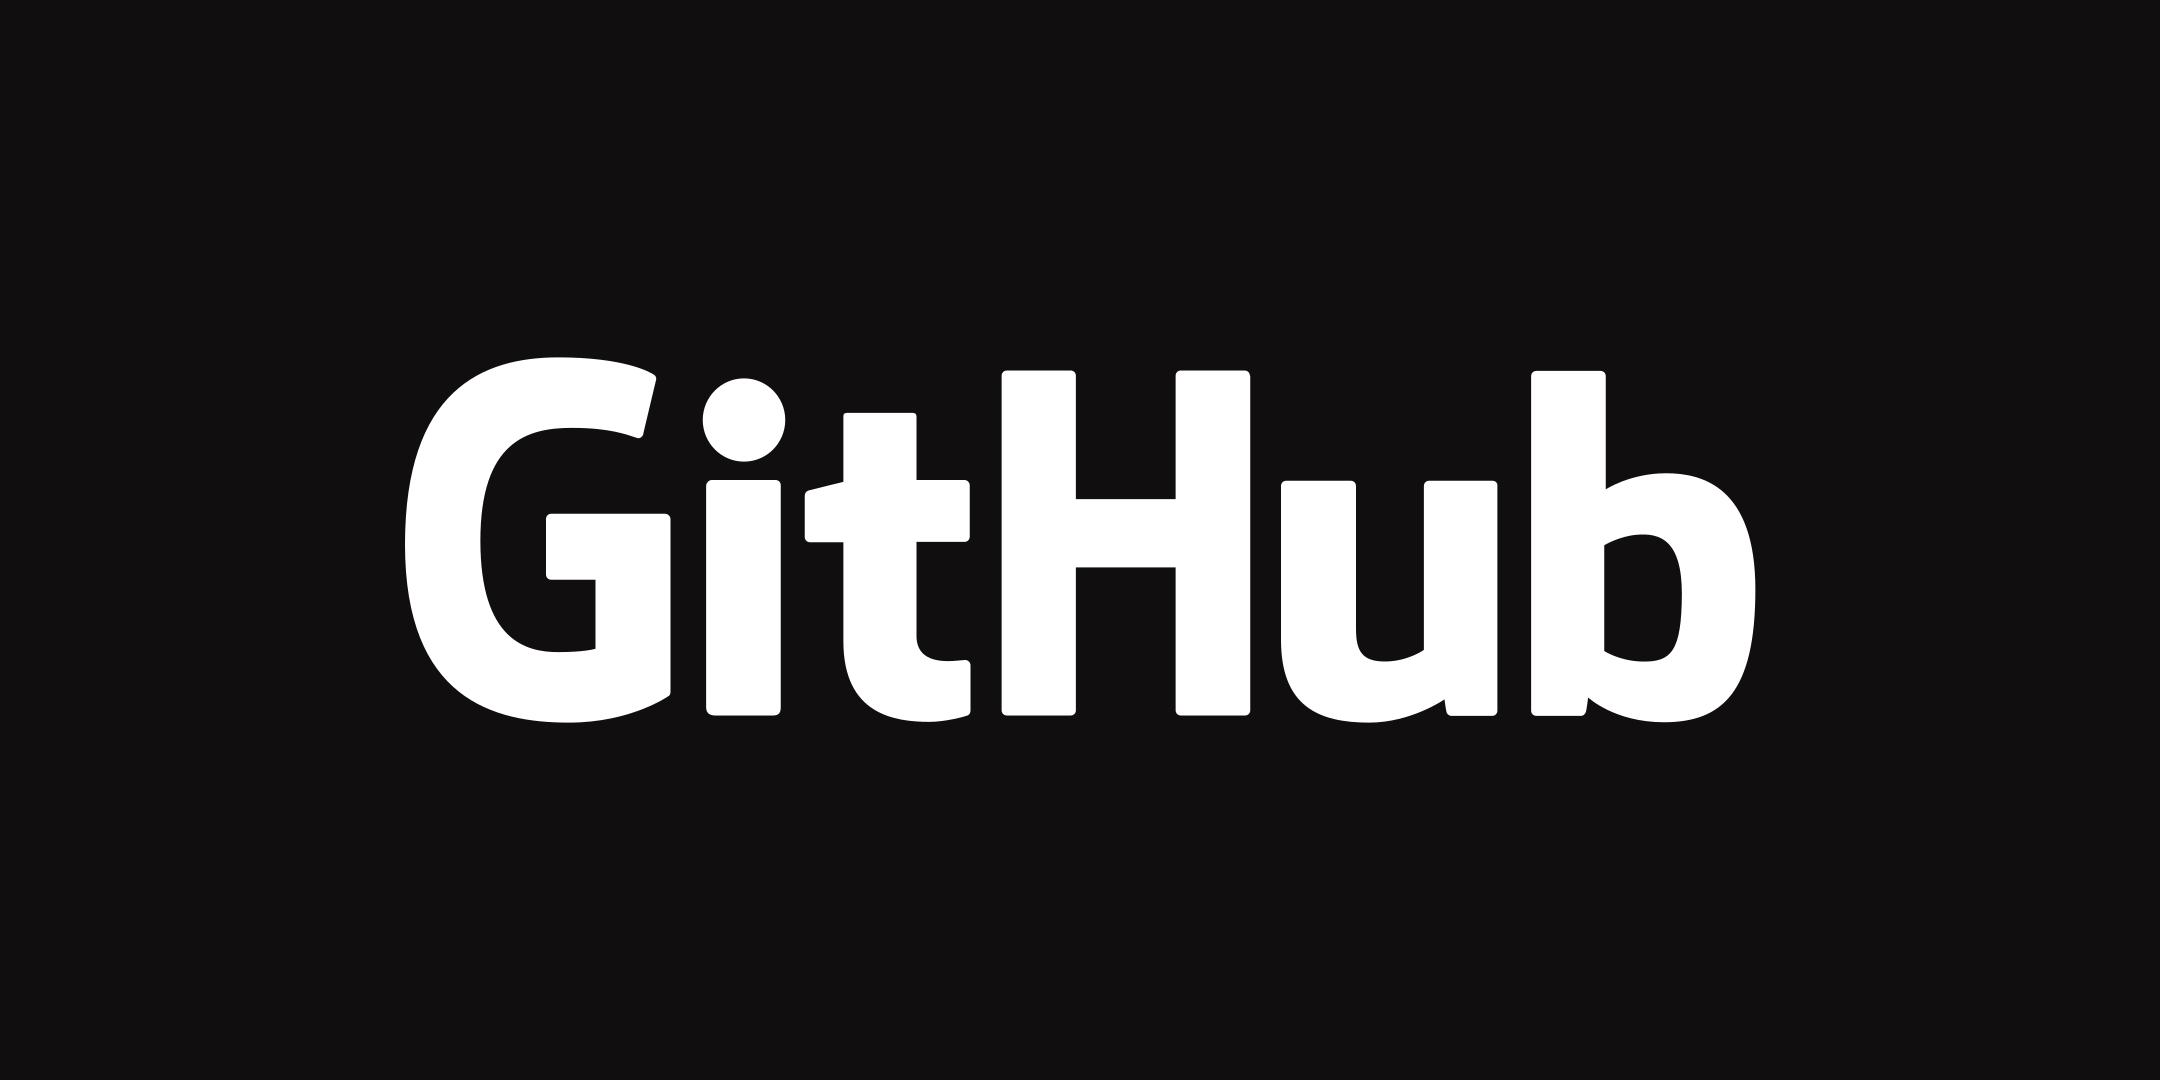 github logo 2 - Github Logo